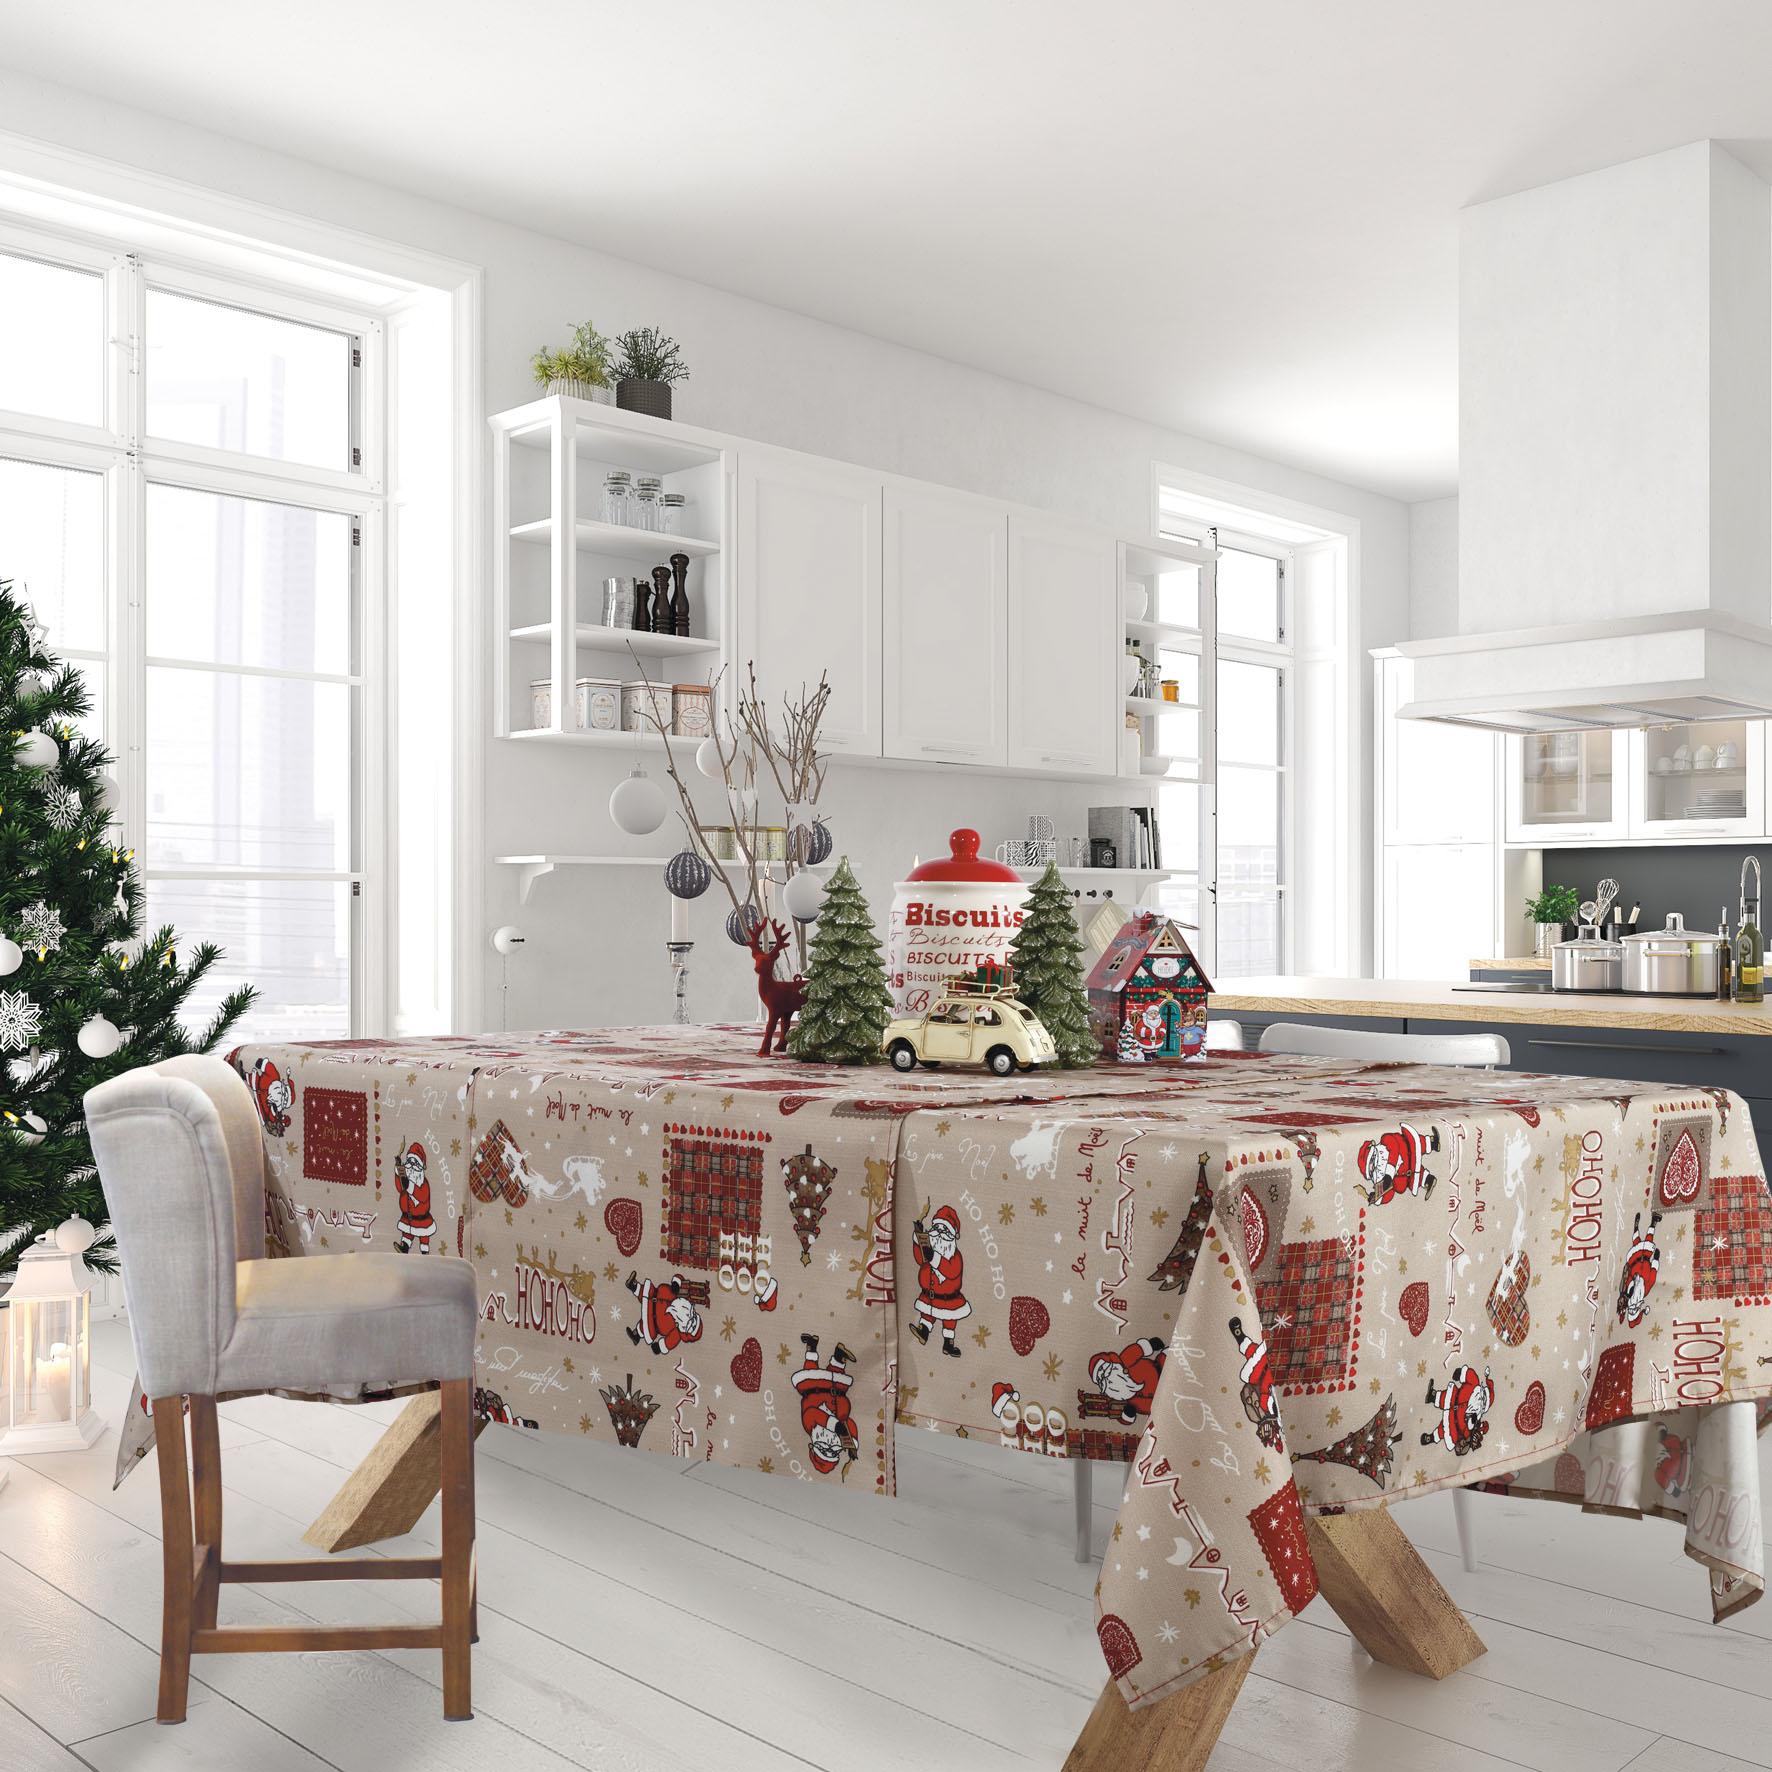 Runner CHRISTMAS KITCHEN LINE 0570 (50X140), DAS HOME εποχιακα ειδη   χριστουγεννιάτικη συλλογή   ράνερ   σουπλά χριστουγεννιάτικα